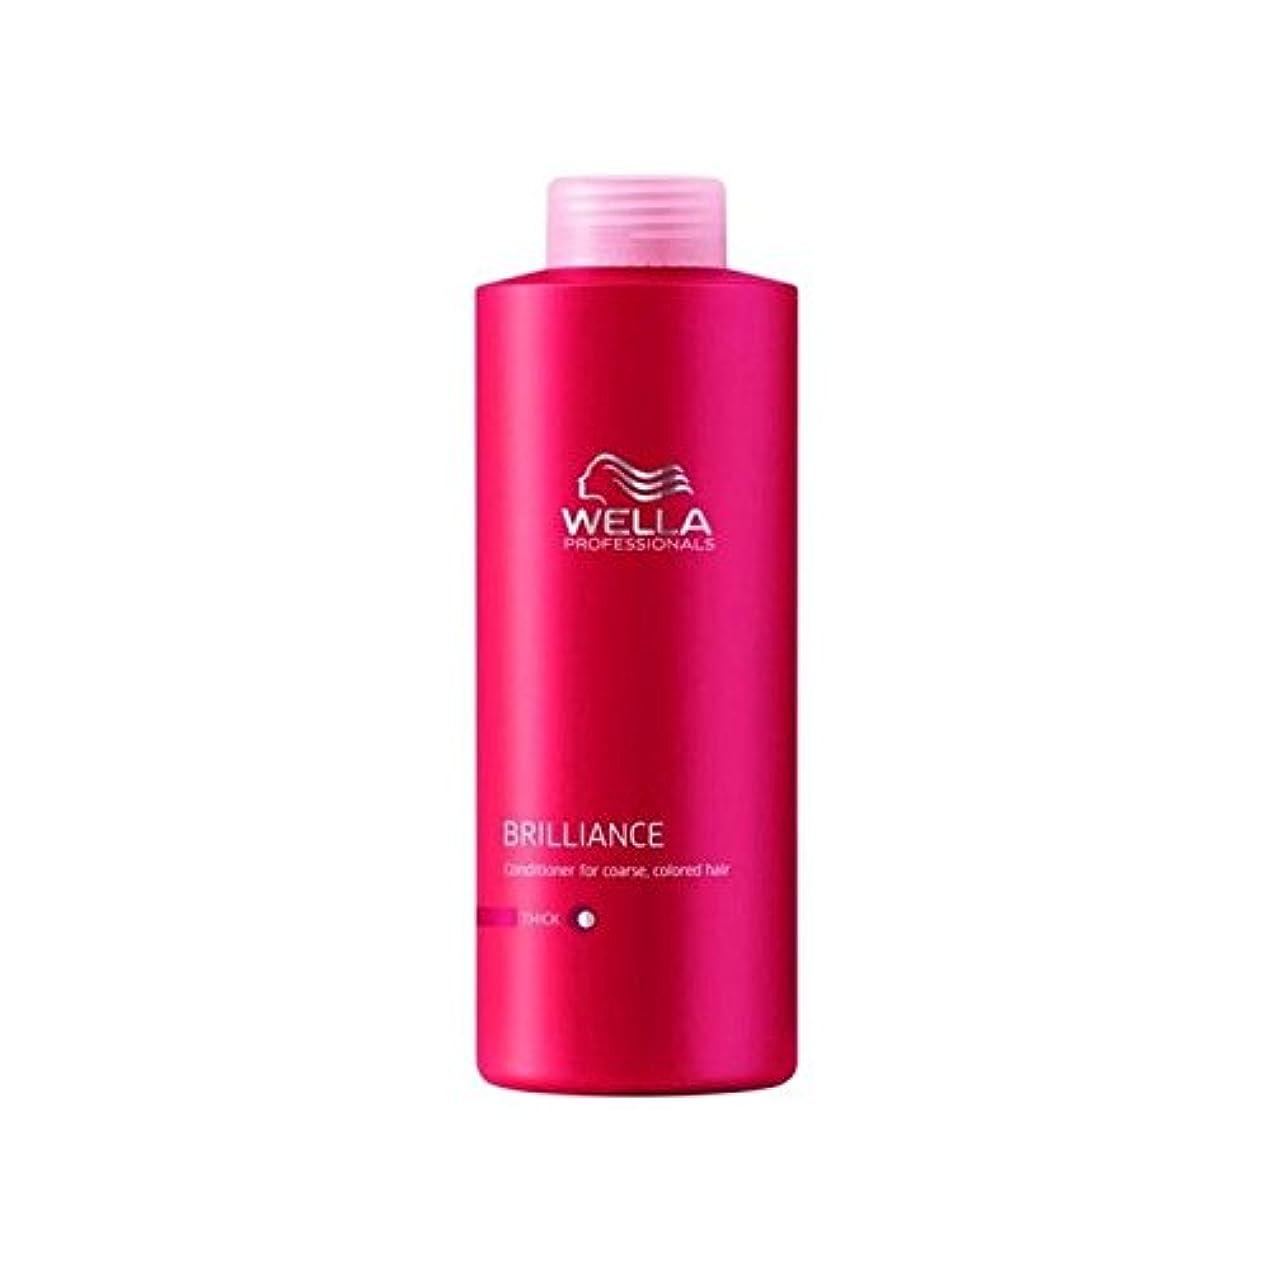 モザイク繁栄塩Wella Professionals Brilliance Coarse Conditioner (1000ml) (Pack of 6) - ウェラの専門家は粗いコンディショナー(千ミリリットル)をブリリアンス x6...